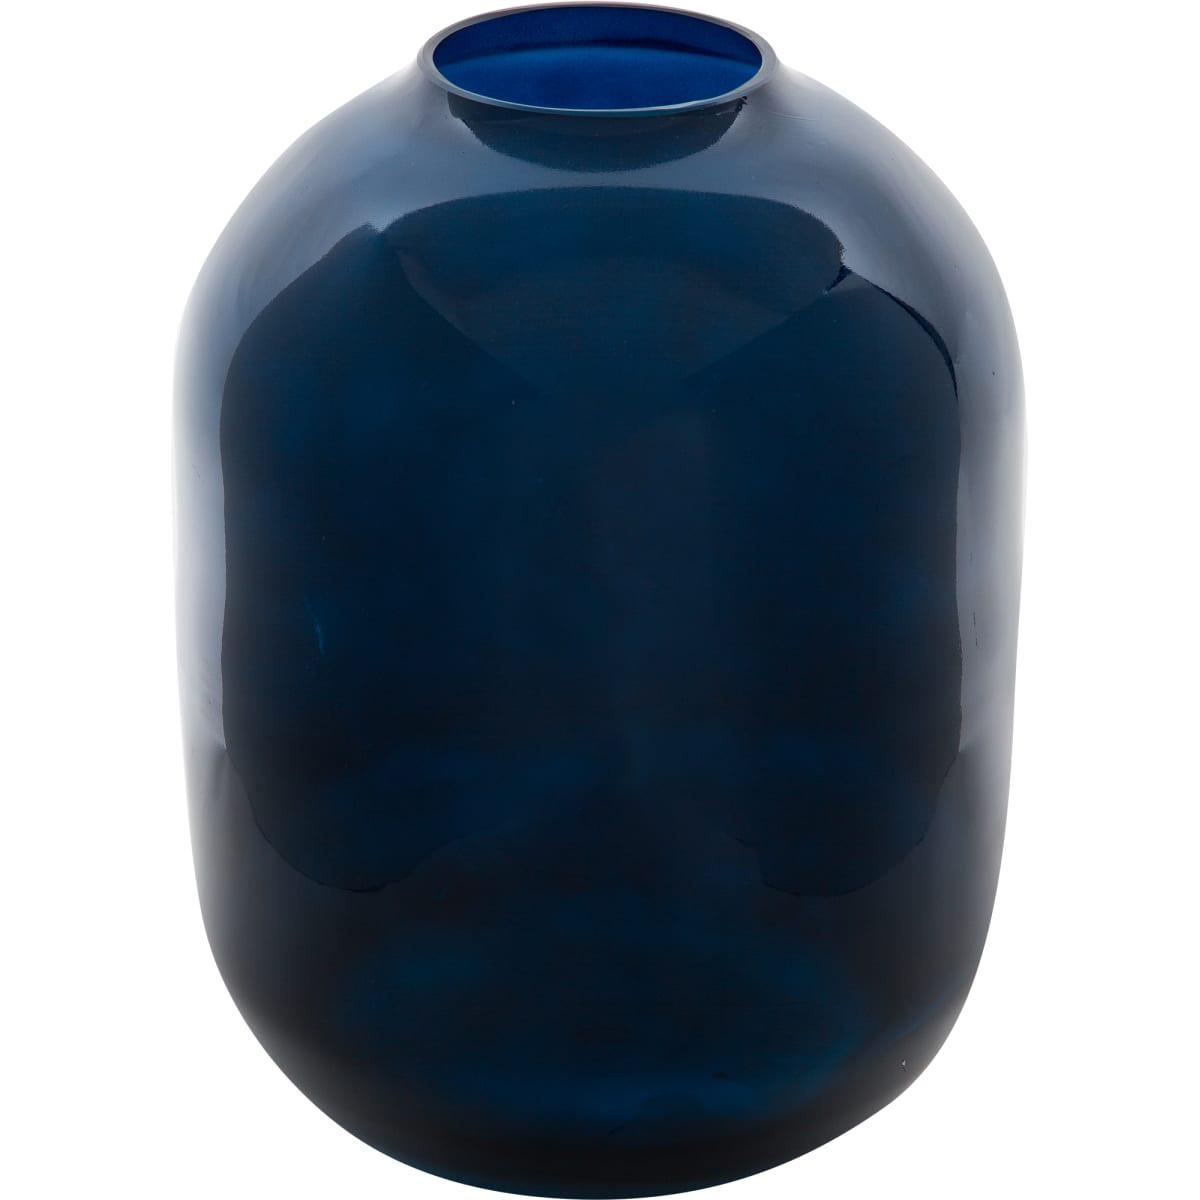 Ваза «Вольга» 2, стекло, цвет тёмно-синий радужный